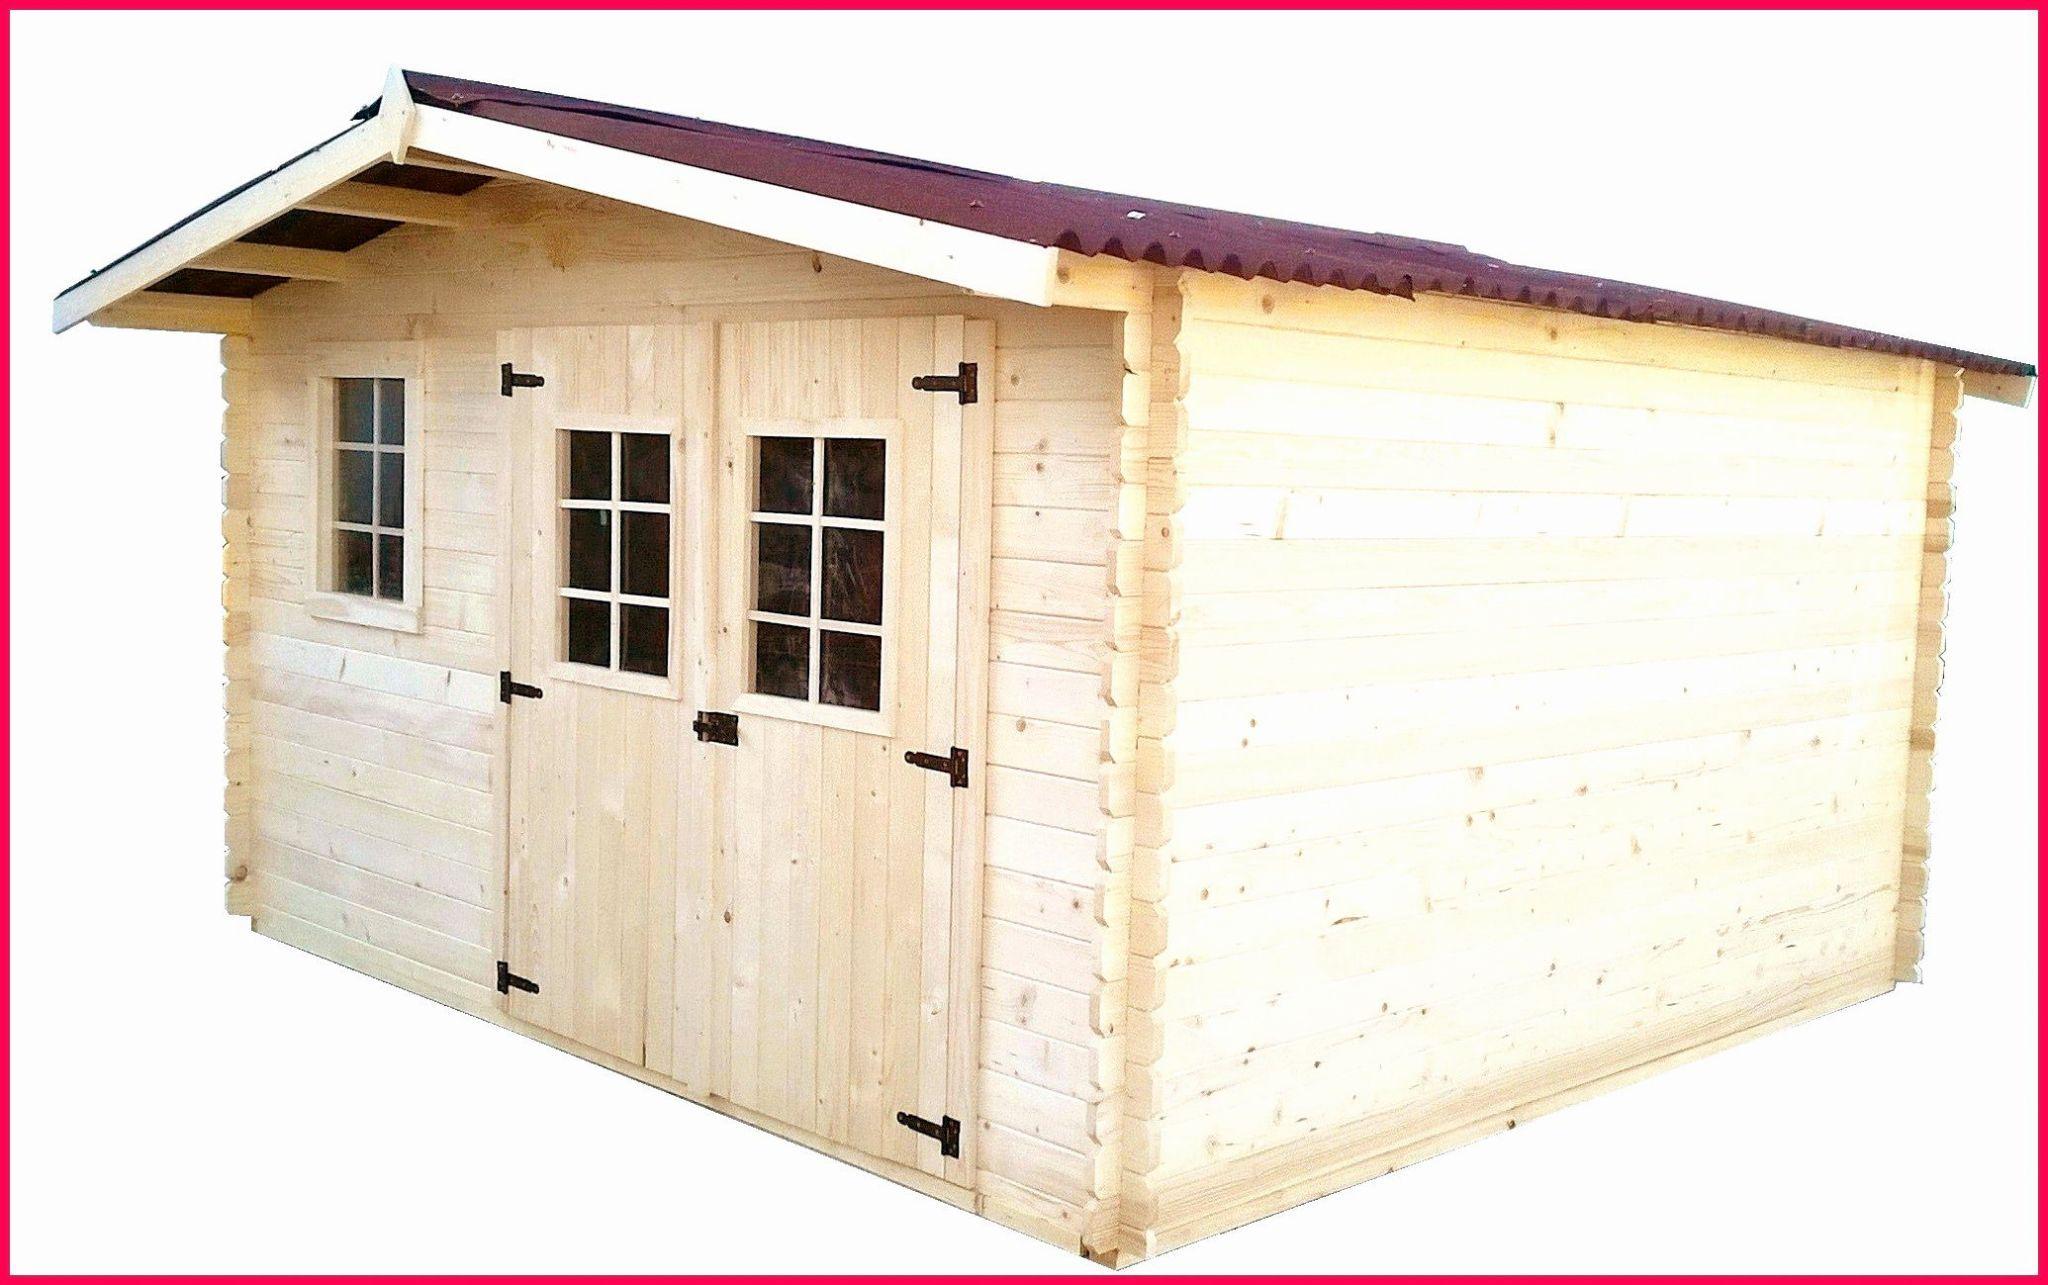 Vente Abri De Jardin Luxe Abri De Jardin Bois Pas Cher Beau Construire Un Garage Pas Vente Abri De Jardin Si Vous Voule In 2020 Indoor Garden Outdoor Structures Shed